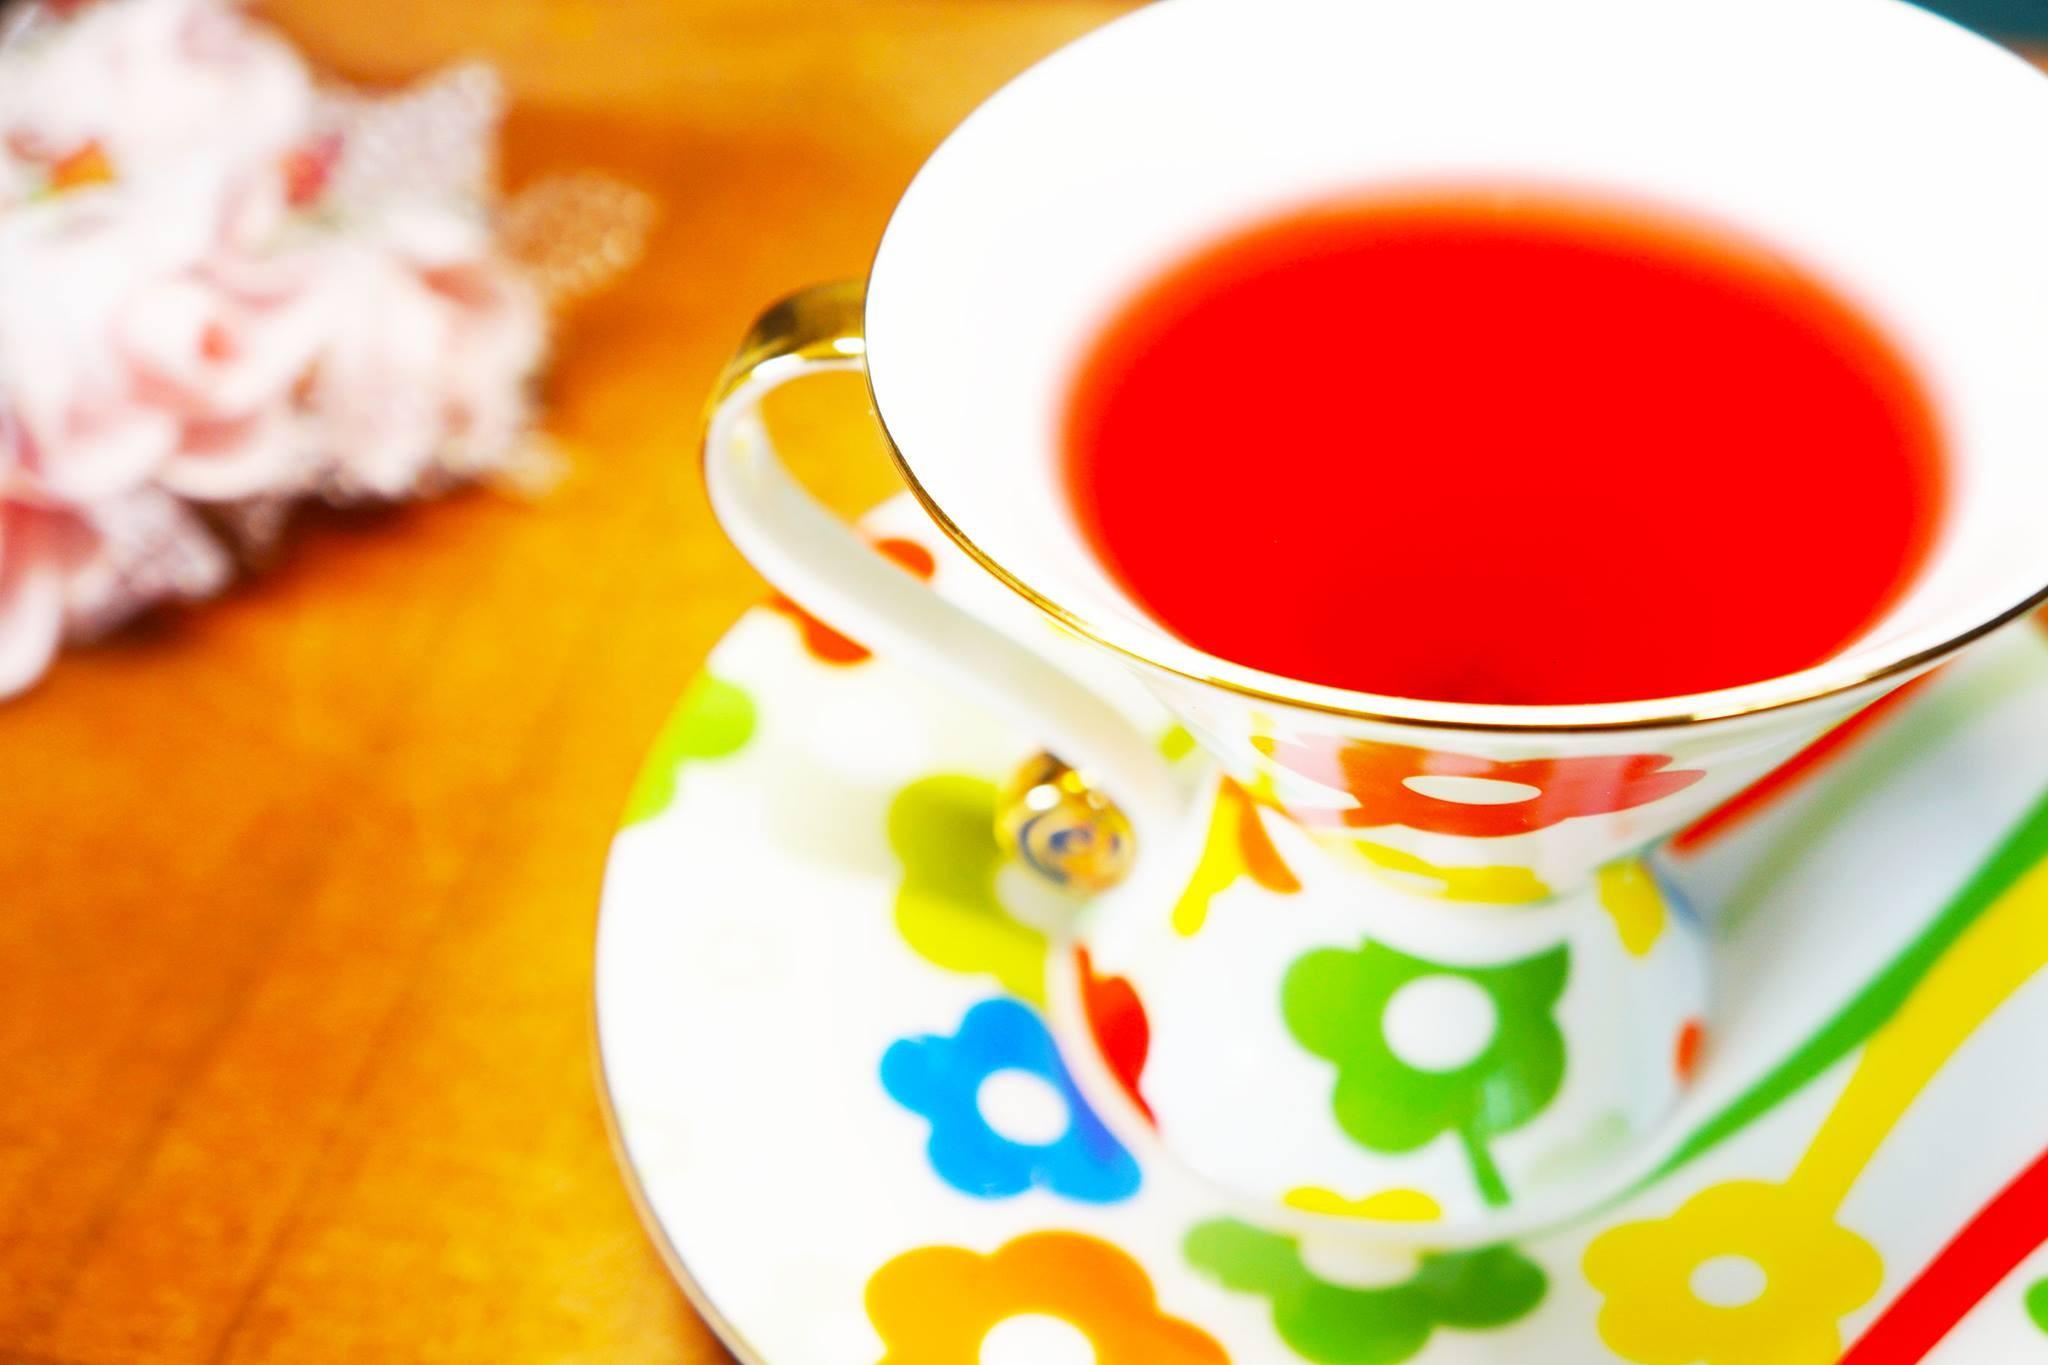 プレゼントするだけで想いが伝わる紅茶!目覚めがよくないあなたへ 今日も一日頑張れる紅茶